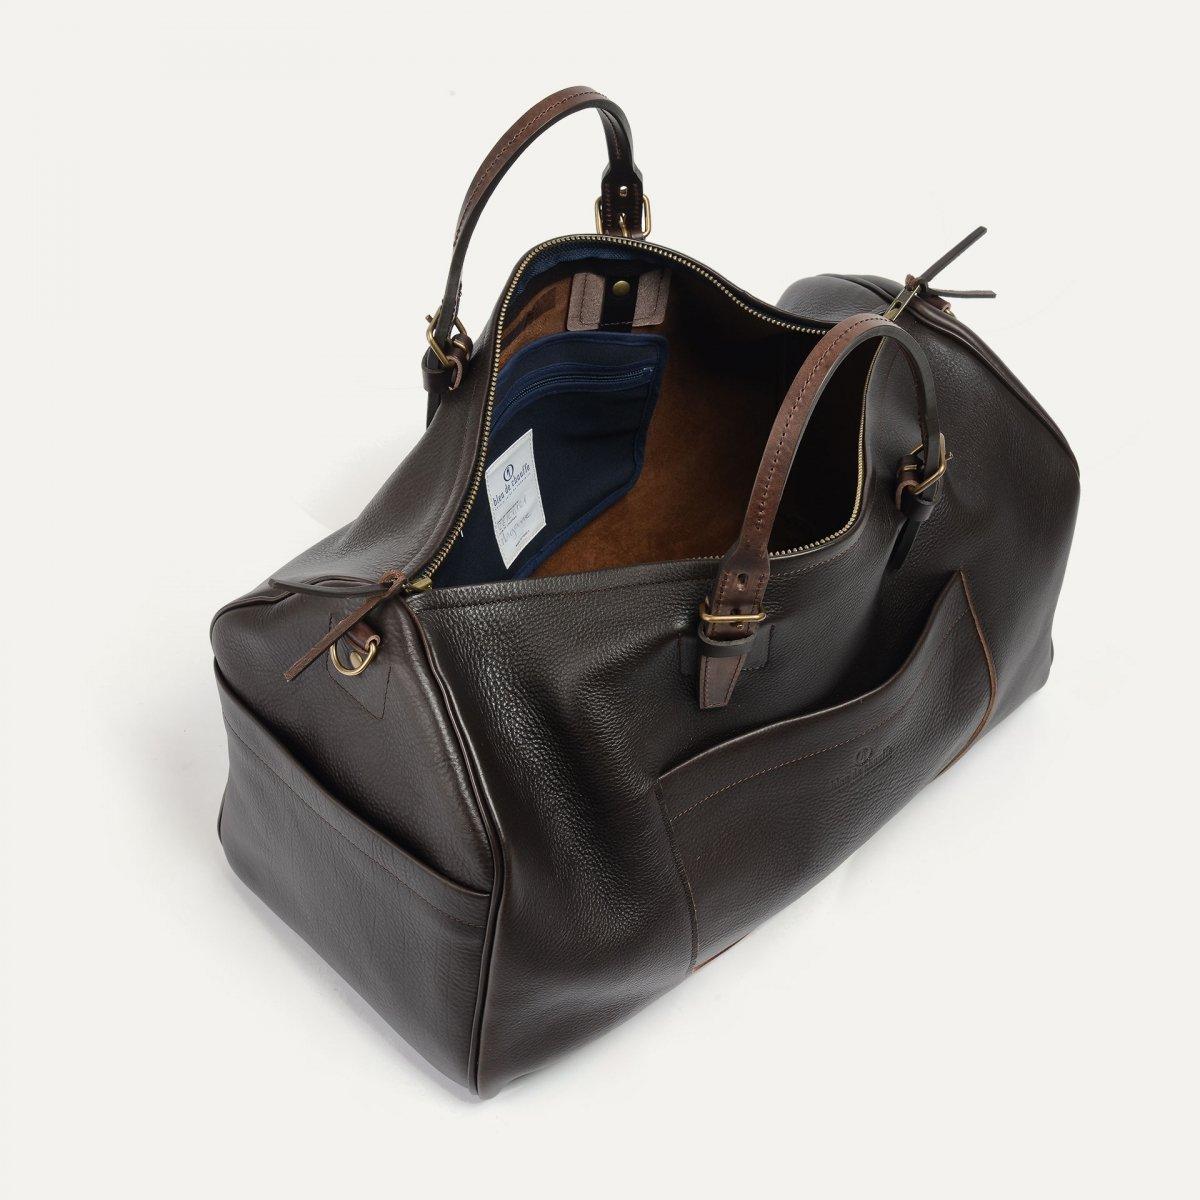 Hobo Travel bag - Dark Brown (image n°4)